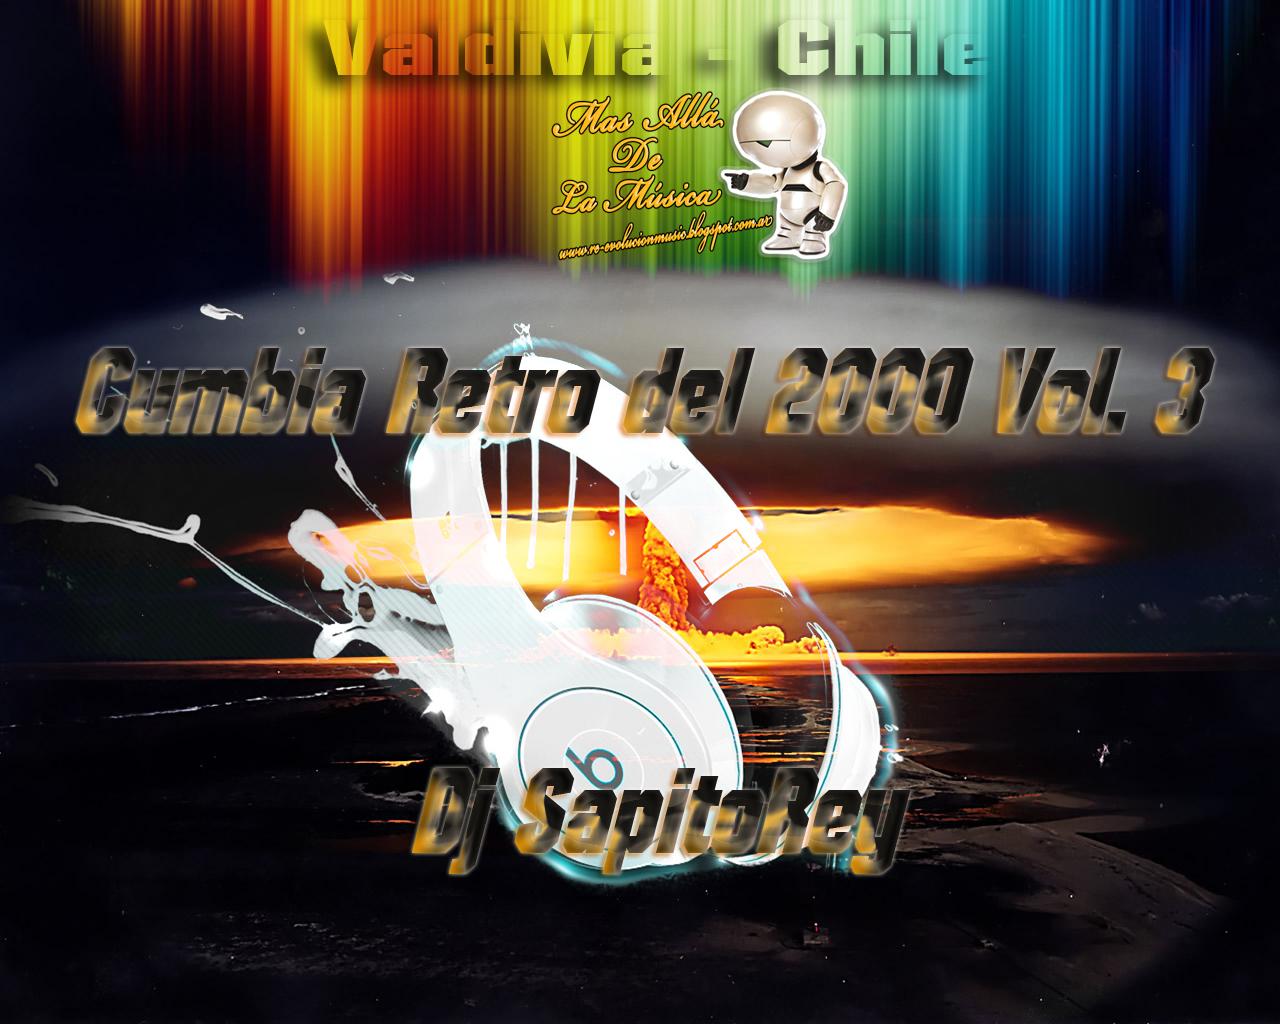 http://2.bp.blogspot.com/-nw5xAcEboRI/UA4CWwzdDOI/AAAAAAAACkw/s4kkg3fXt2g/s1600/Frontal.jpg